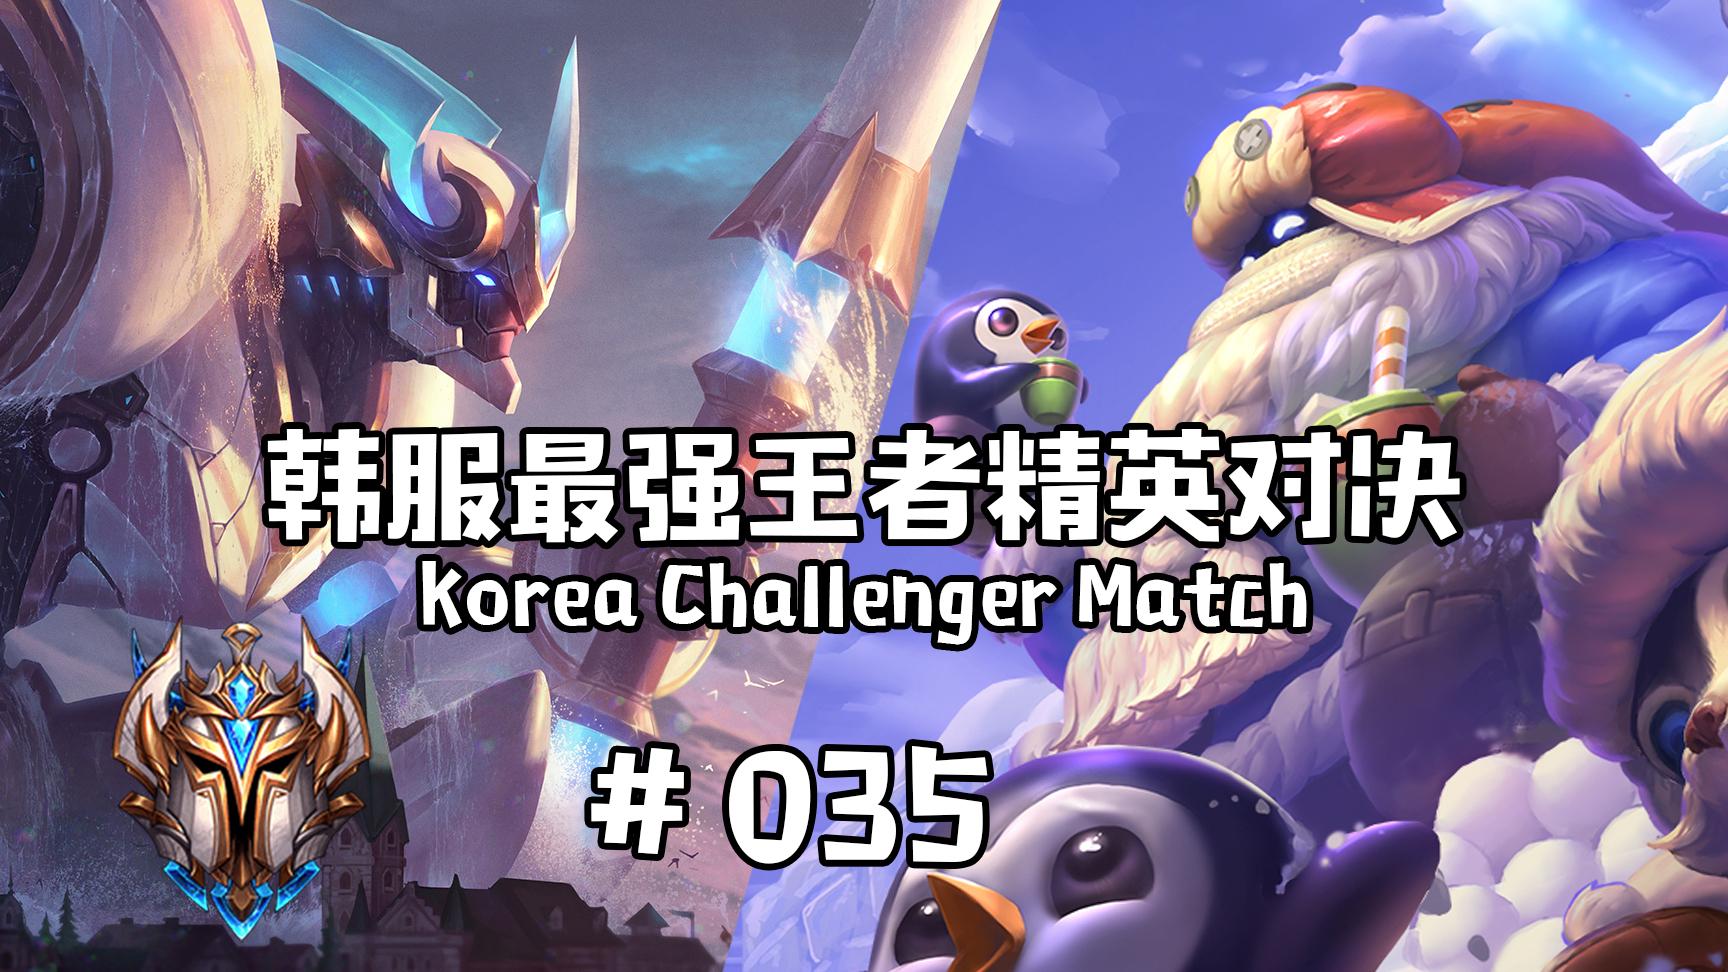 韩服最强王者精英对决 #035 丨起飞